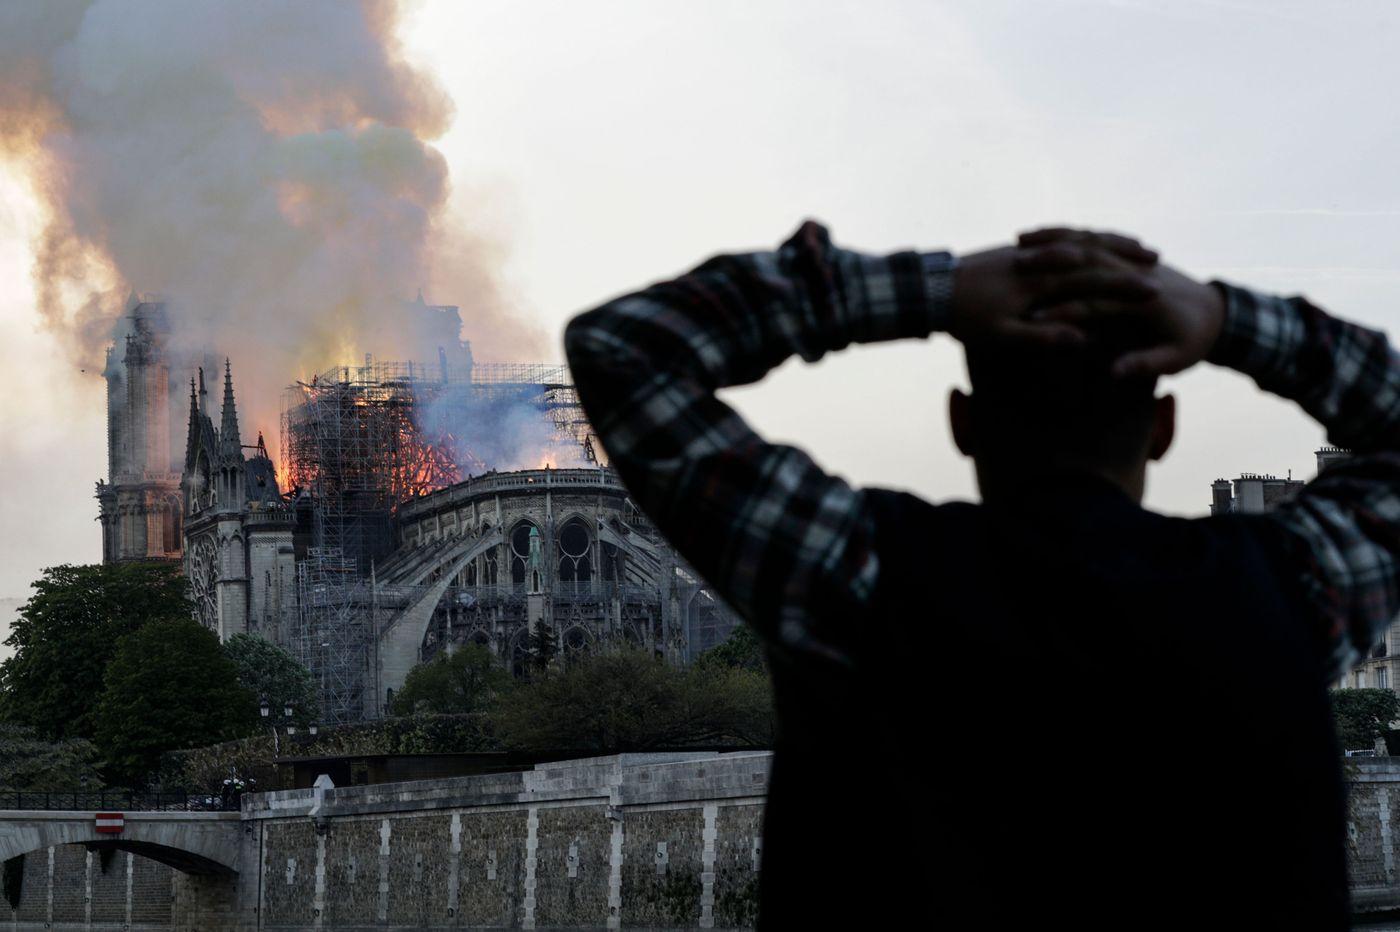 النمسا تأسف لحريق كاتدرائية نوتردام الشهيرة في باريس